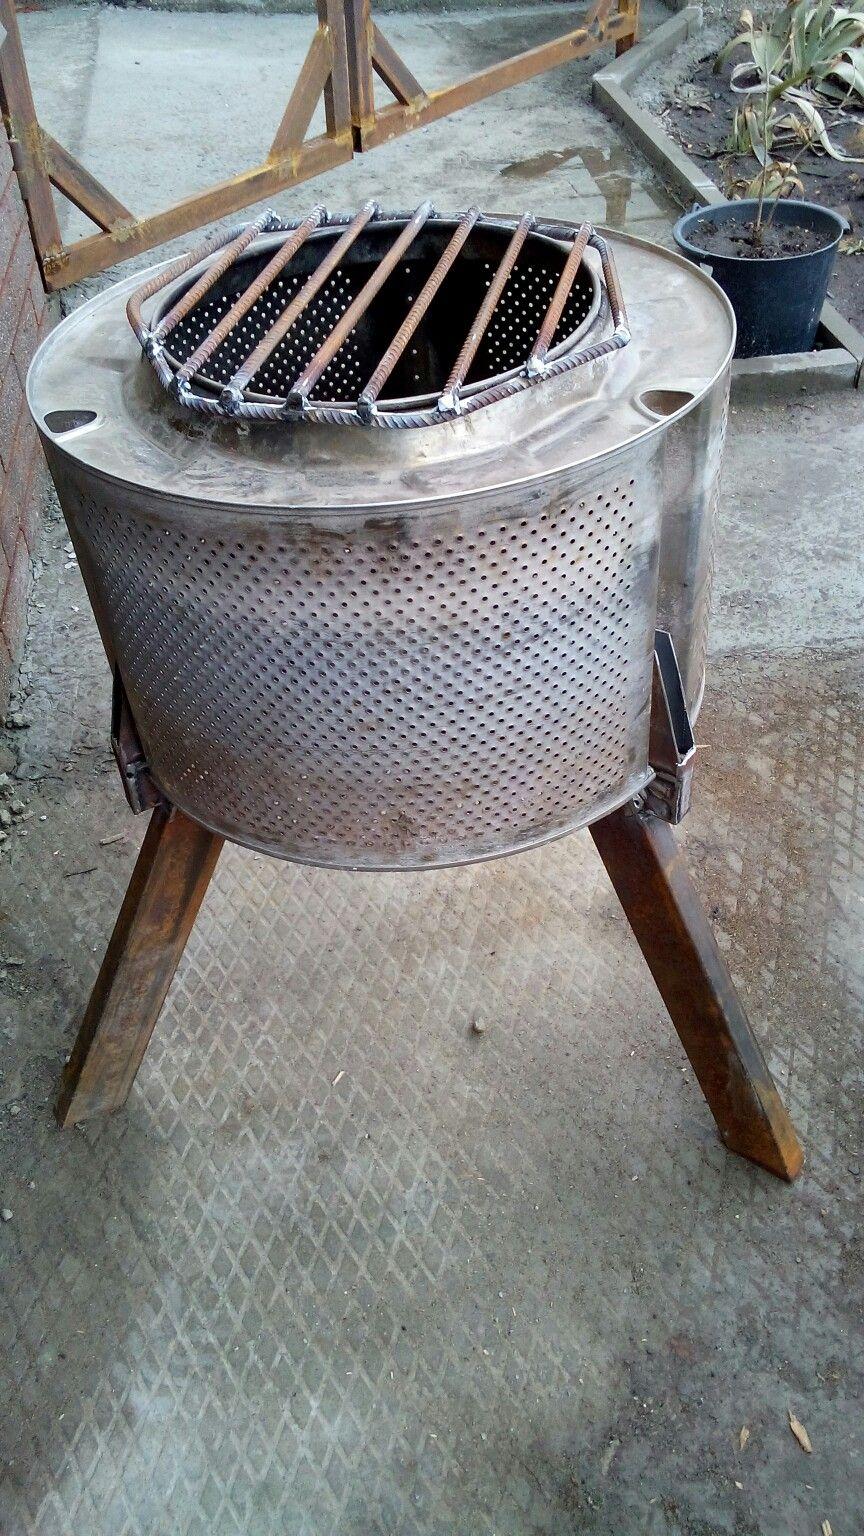 мангал из стирального барабана